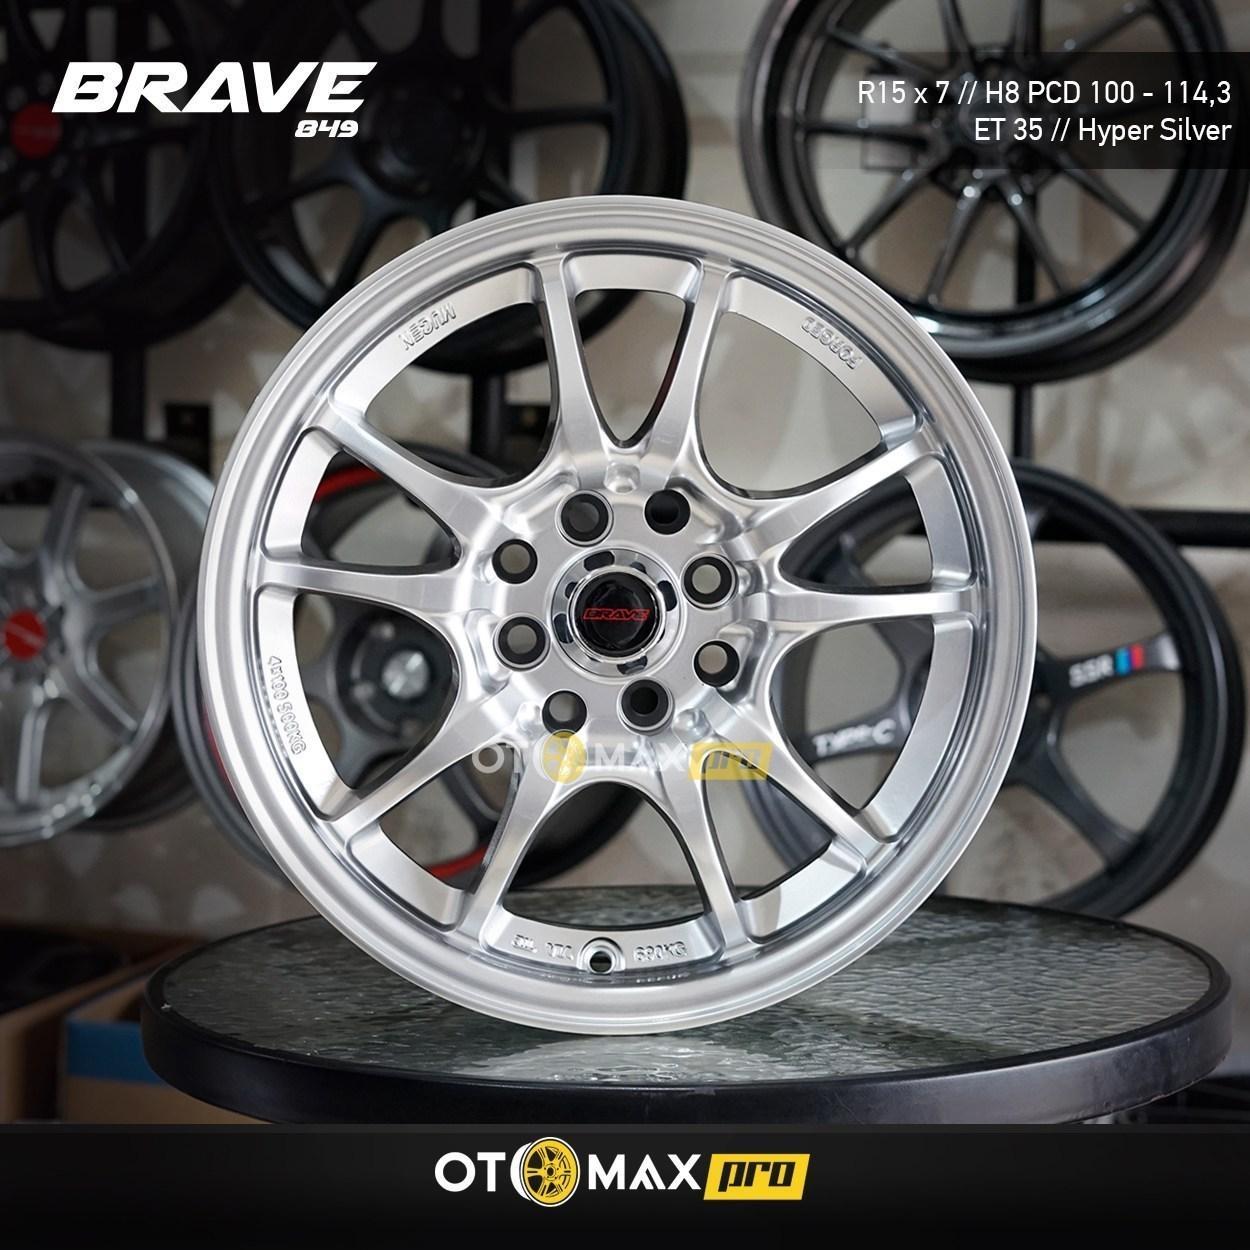 Mobil Velg Brave (849) Ring 15 Hyper Silver